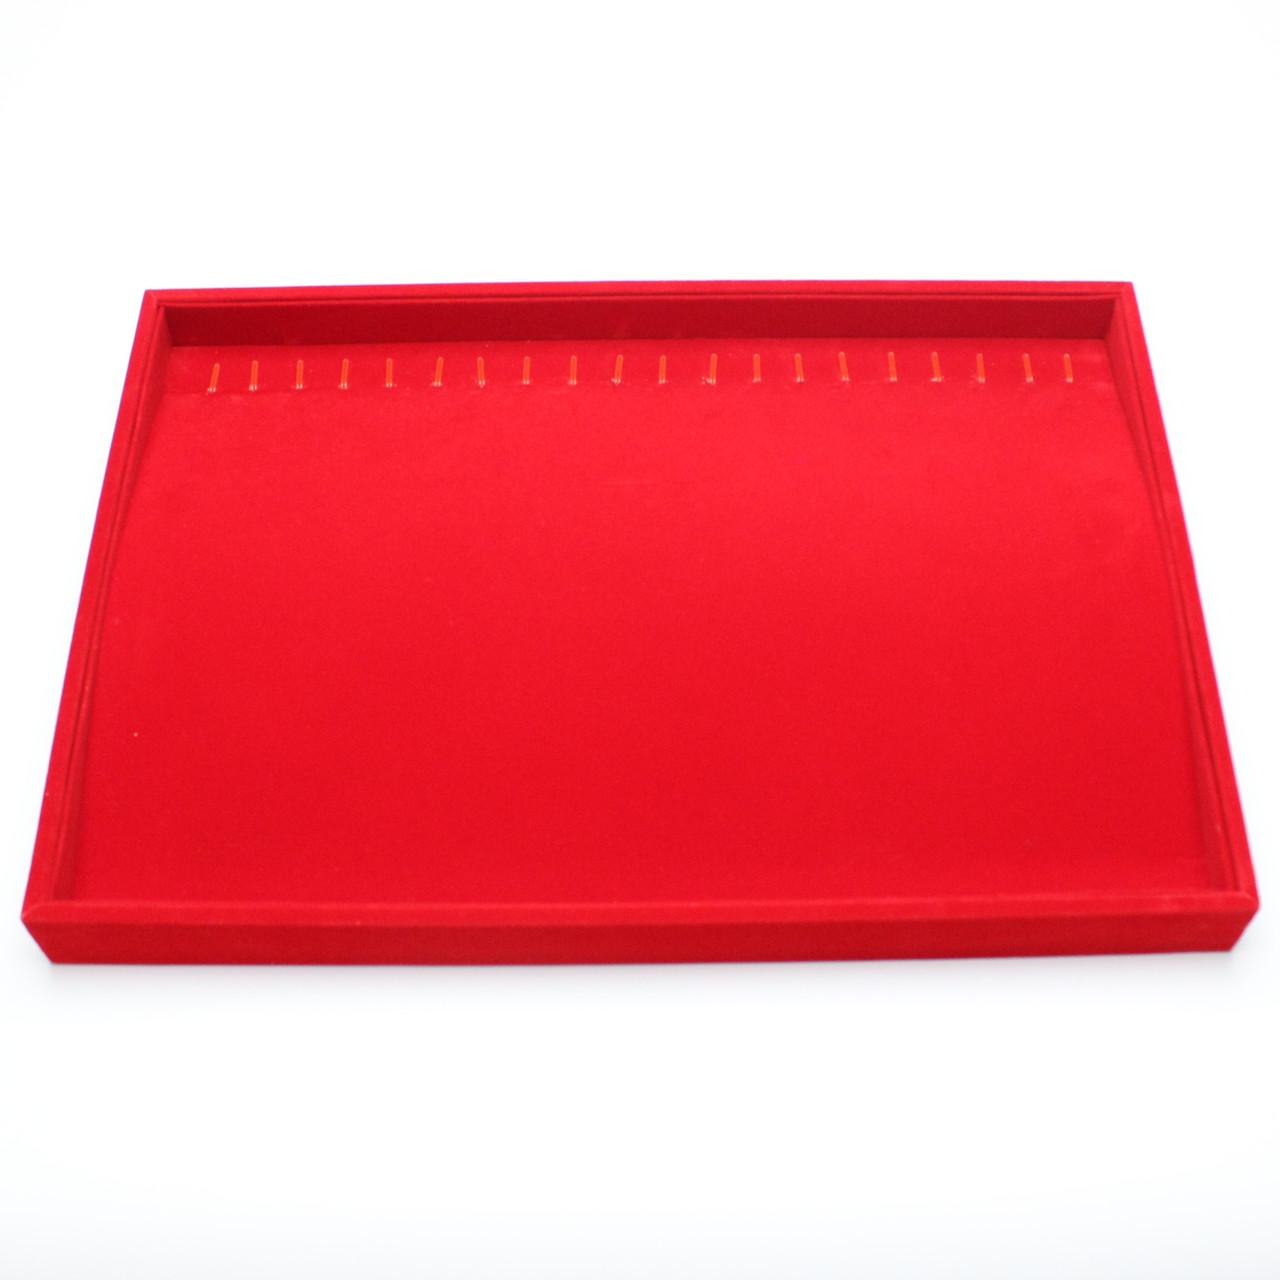 Ювелирный планшет под браслеты, цепочки 35х24х3 см Premium 20 крючков